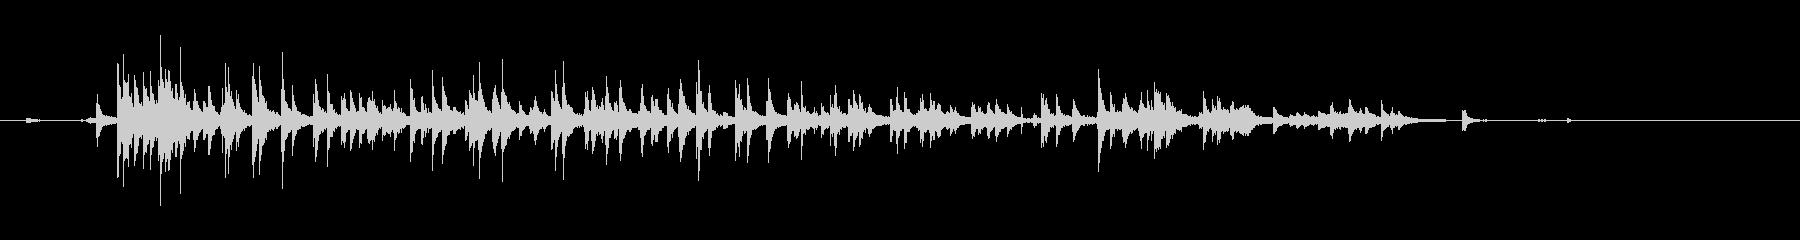 メタル 鎖 ラトルロング03の未再生の波形